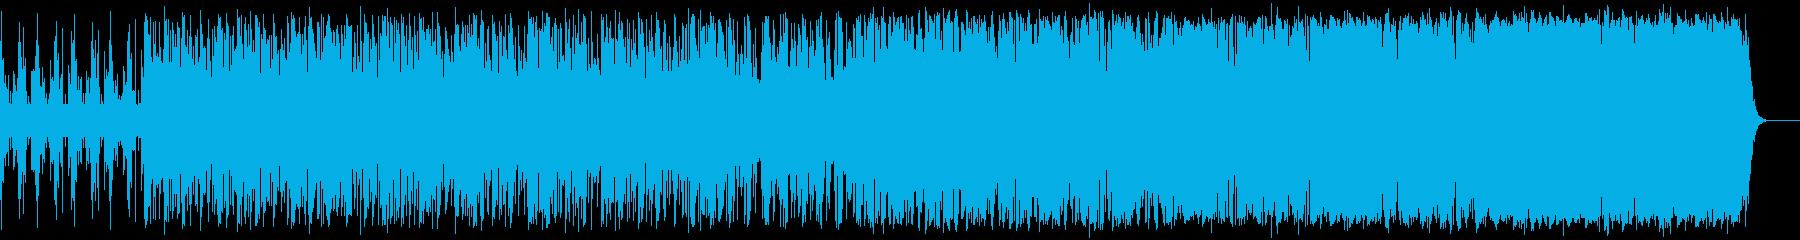 疾走感のある近未来エレクトロの再生済みの波形